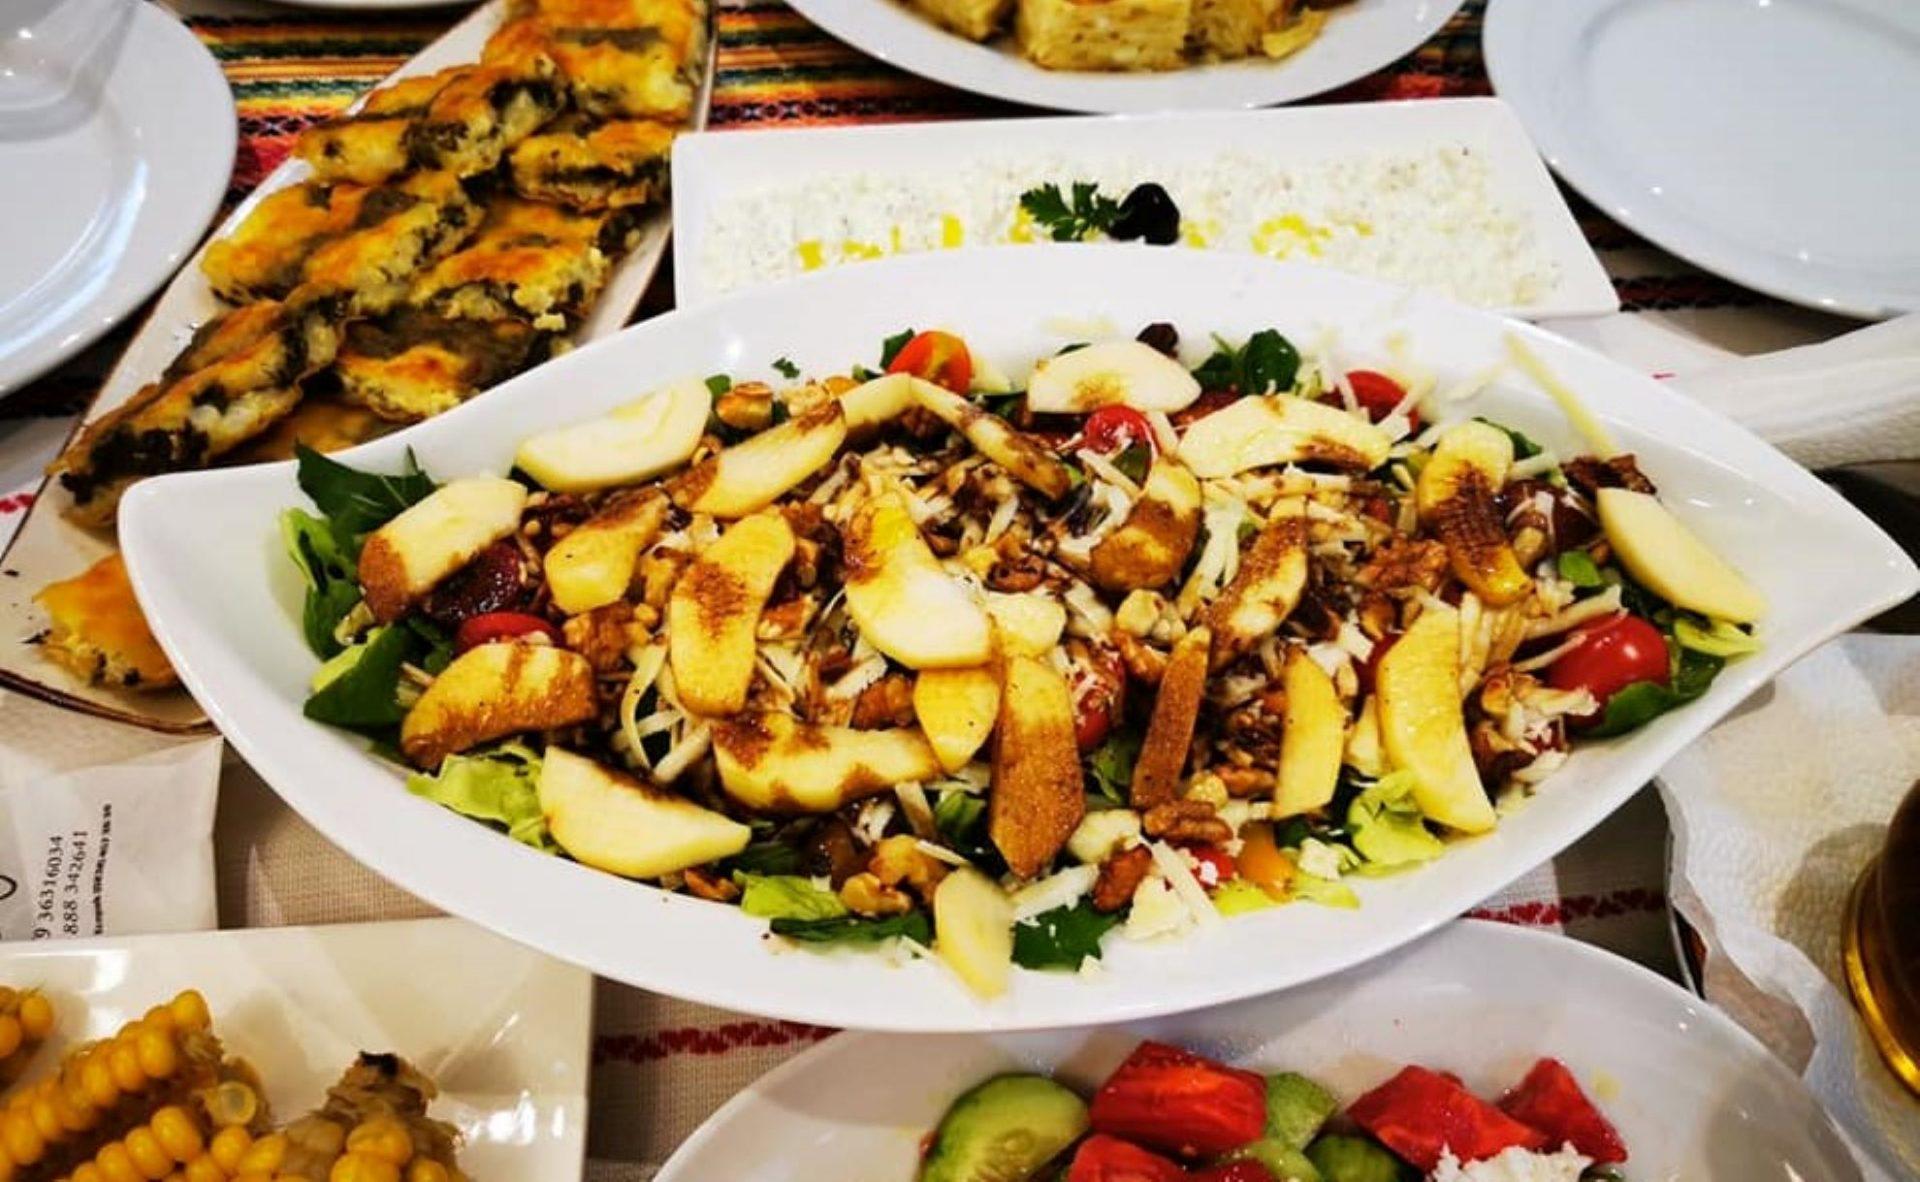 MG Момчилград кухня